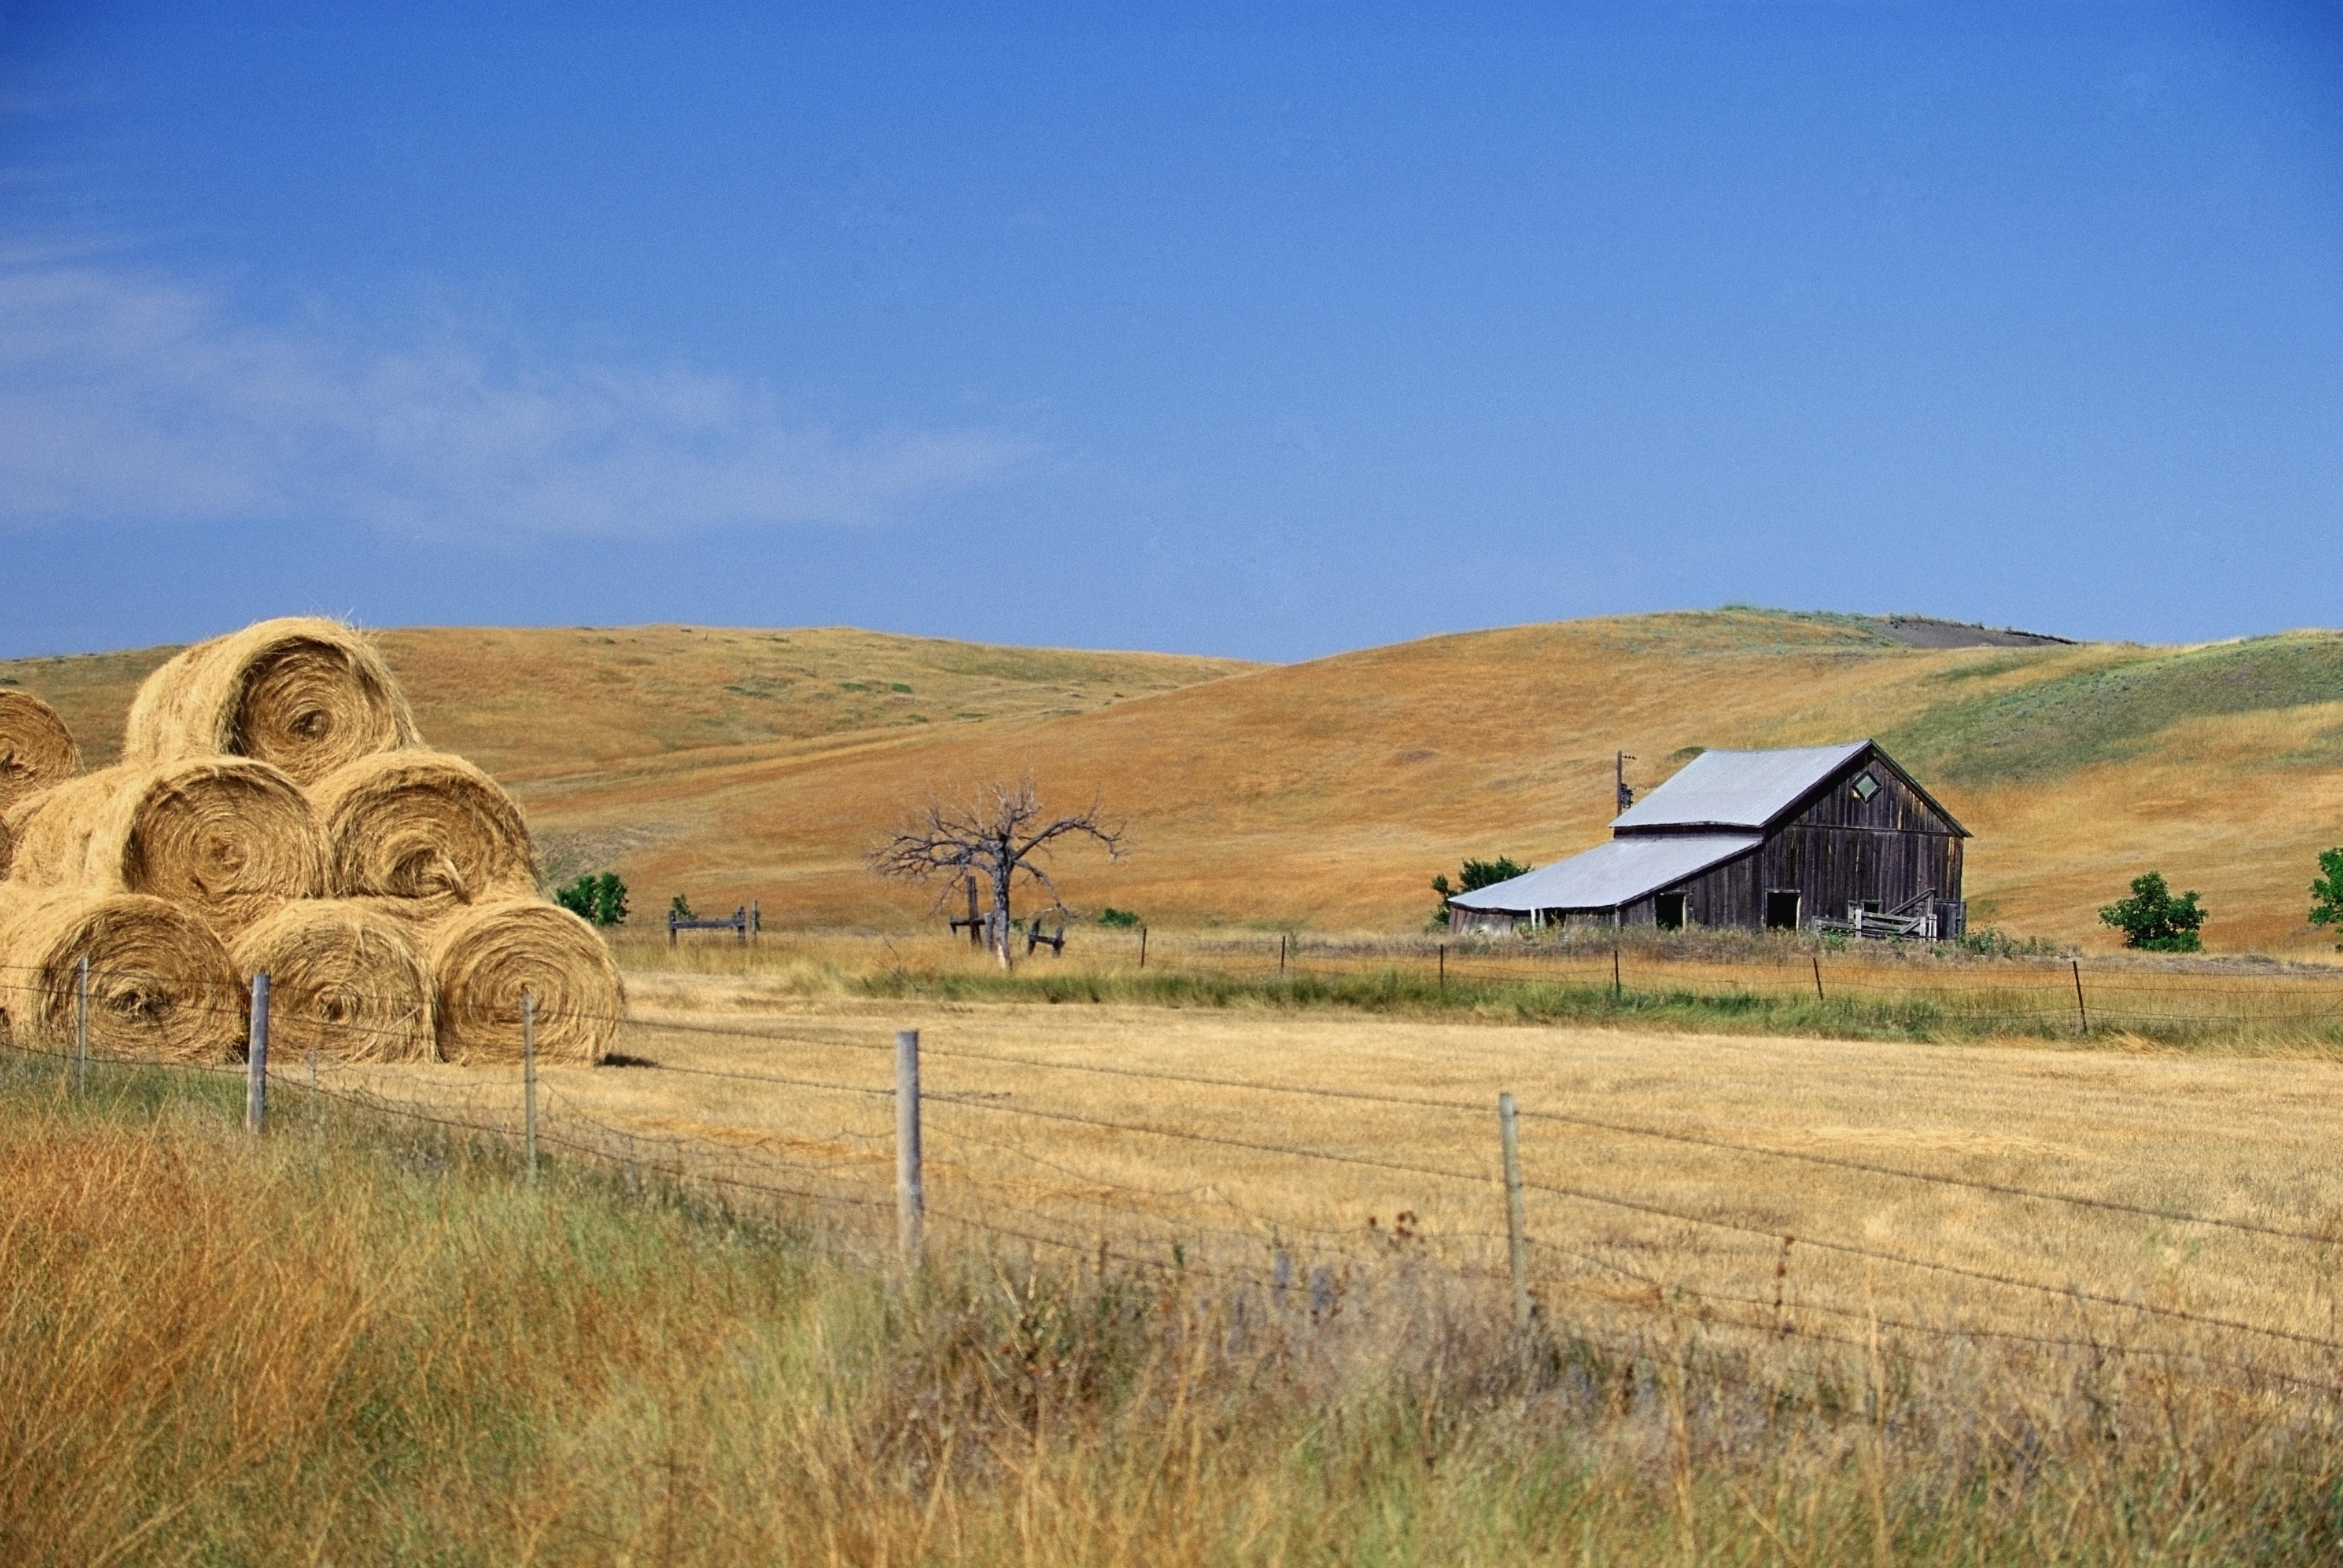 A remote farm in South Dakota